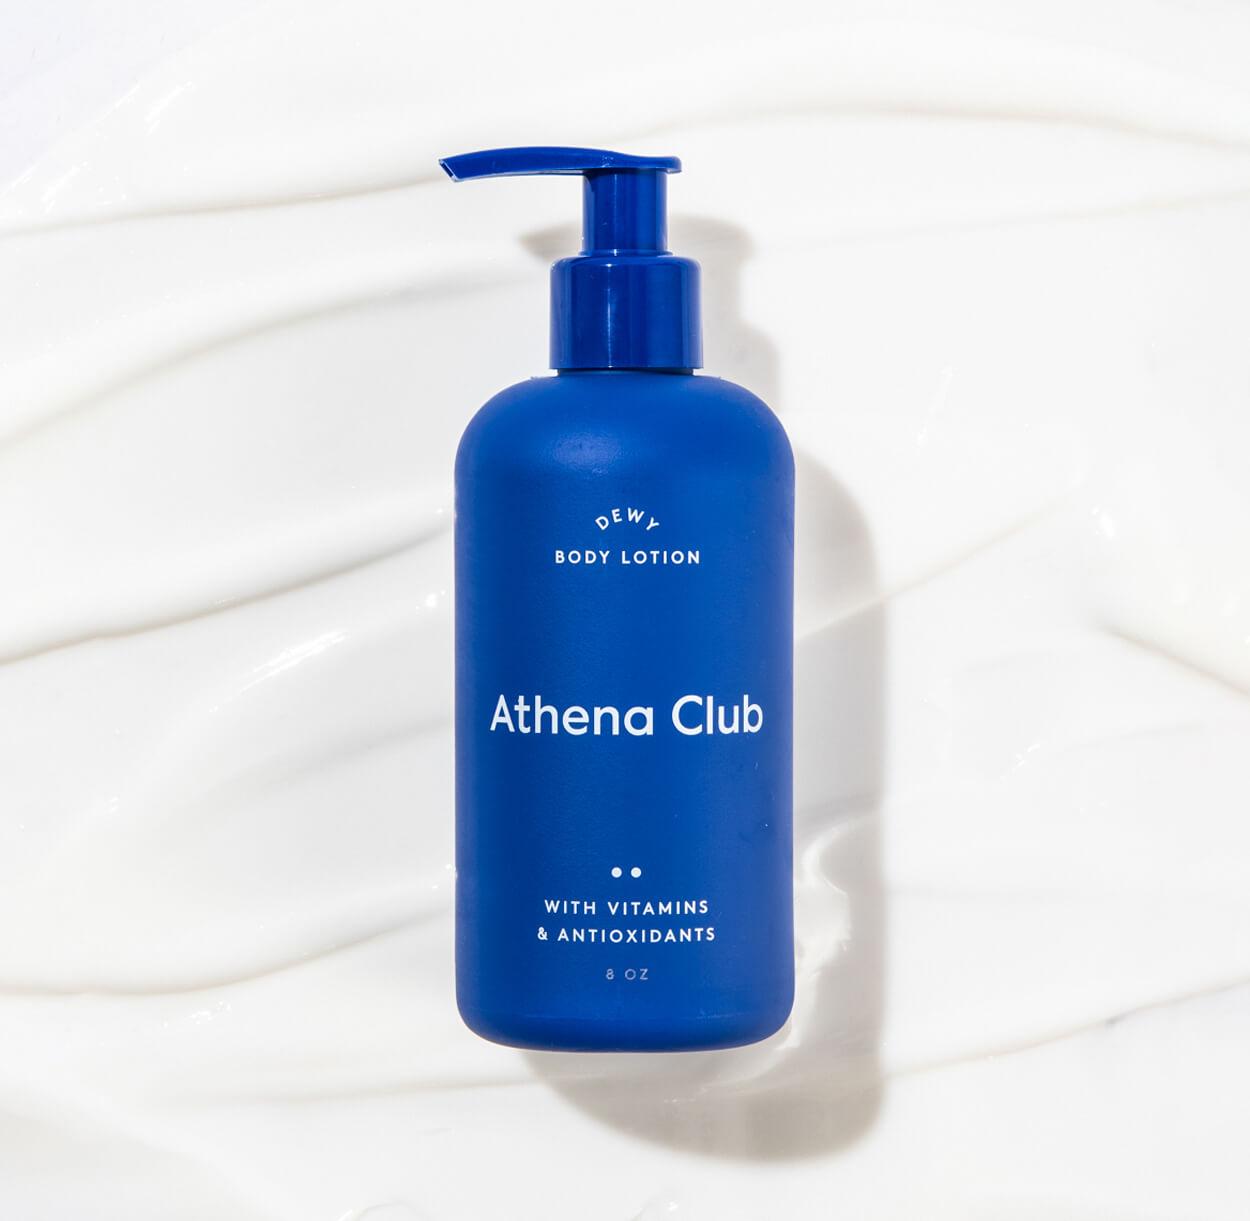 athena club dewy body lotion